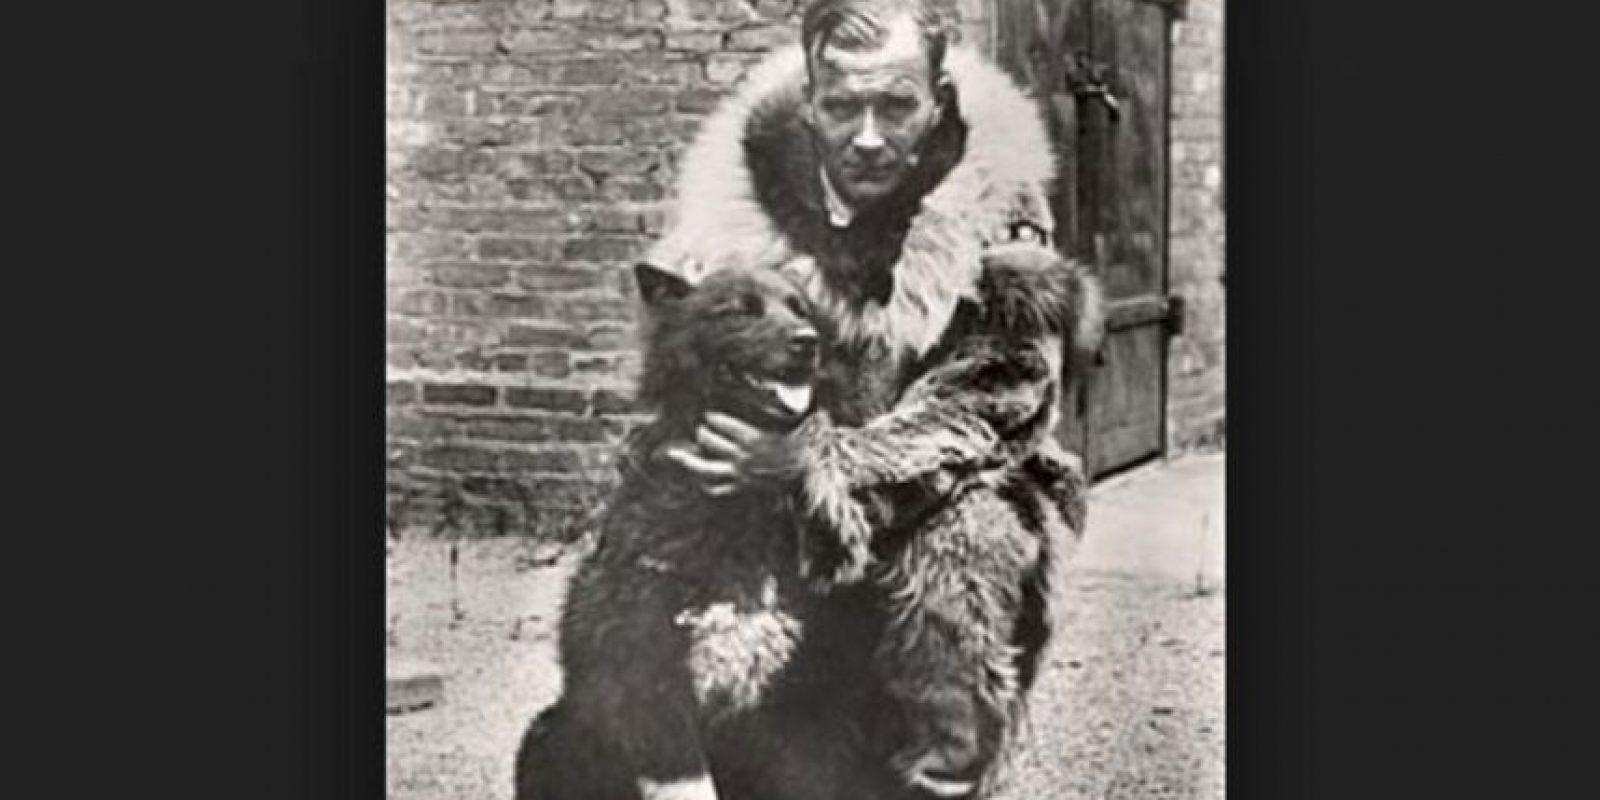 Al lastimarse el perro guía, Balto fue el único capaz de guiar el trineo para llevar los medicamentos hasta los hospitales del pueblo, convirtiéndose en el perro-héroe de Alaska. Foto:Foto: Vía Wikimedia.org